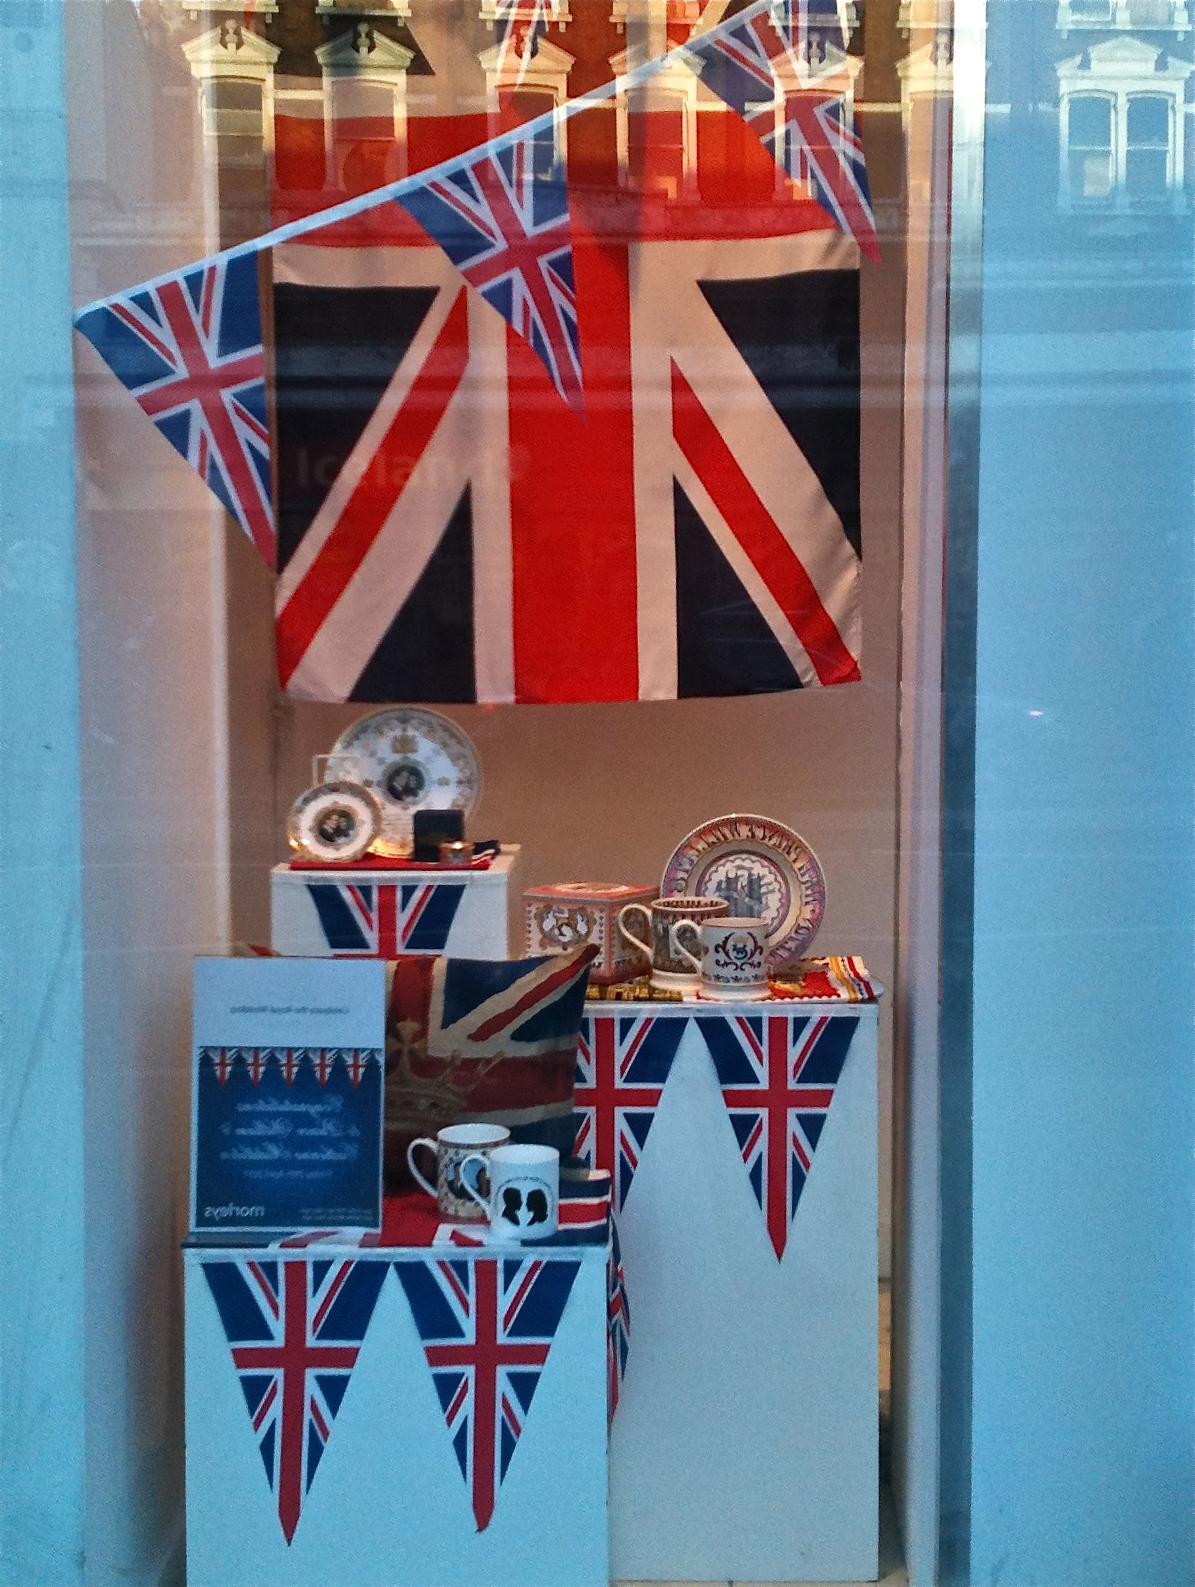 some Royal wedding souvenirs